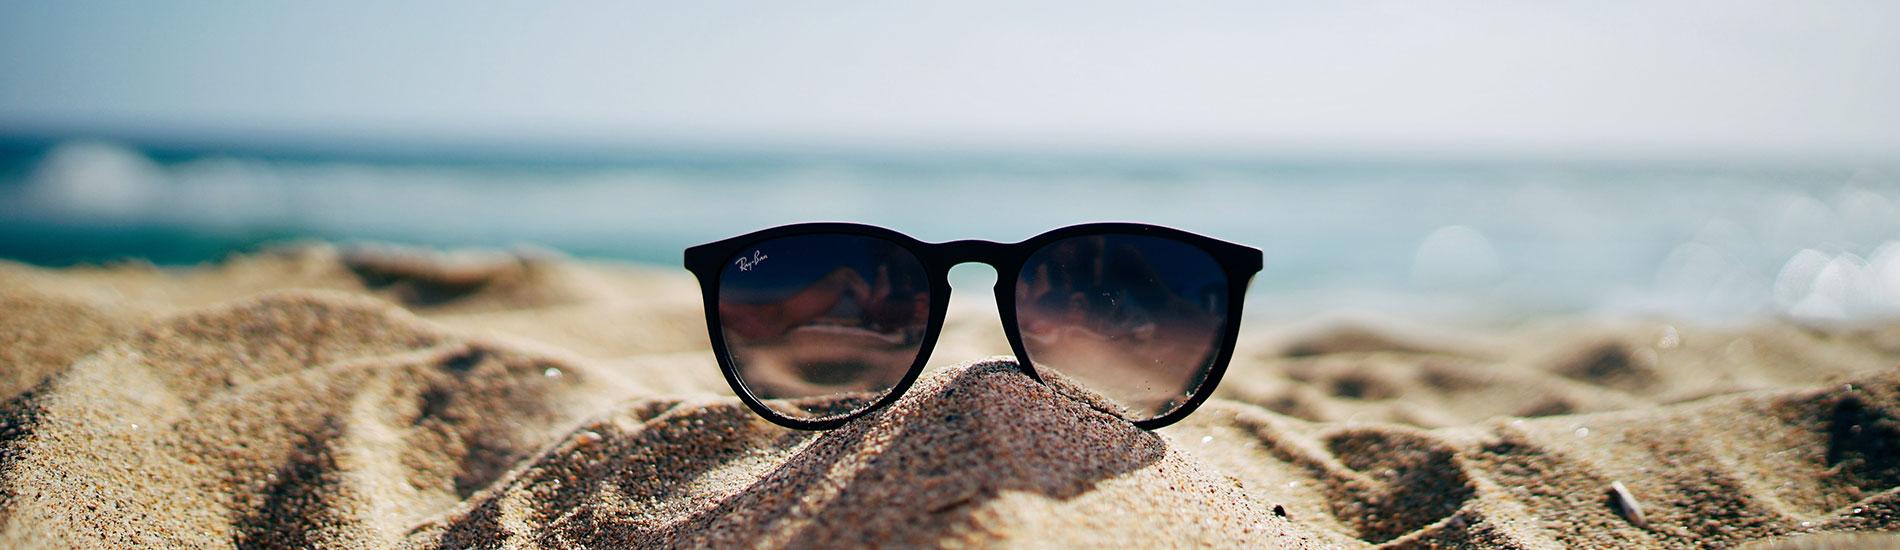 Πώς να επιλέξω γυαλιά ηλίου;